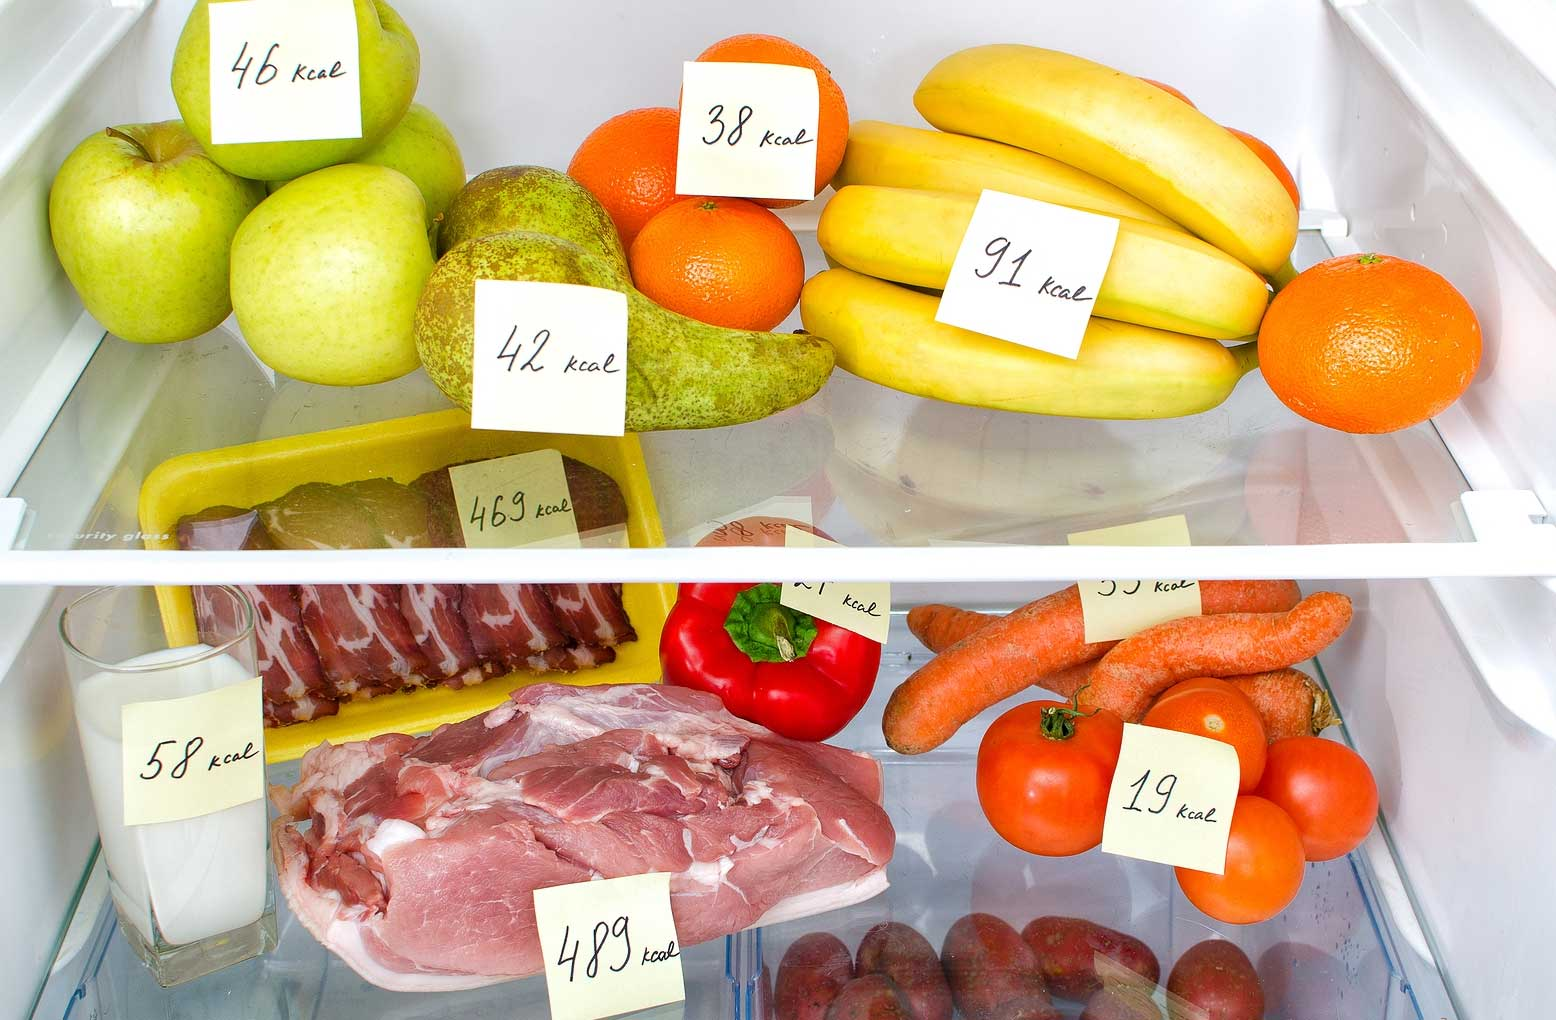 Теория о калориях: калории, количество калорий, потребление калорий, калорийность, избыток калорий